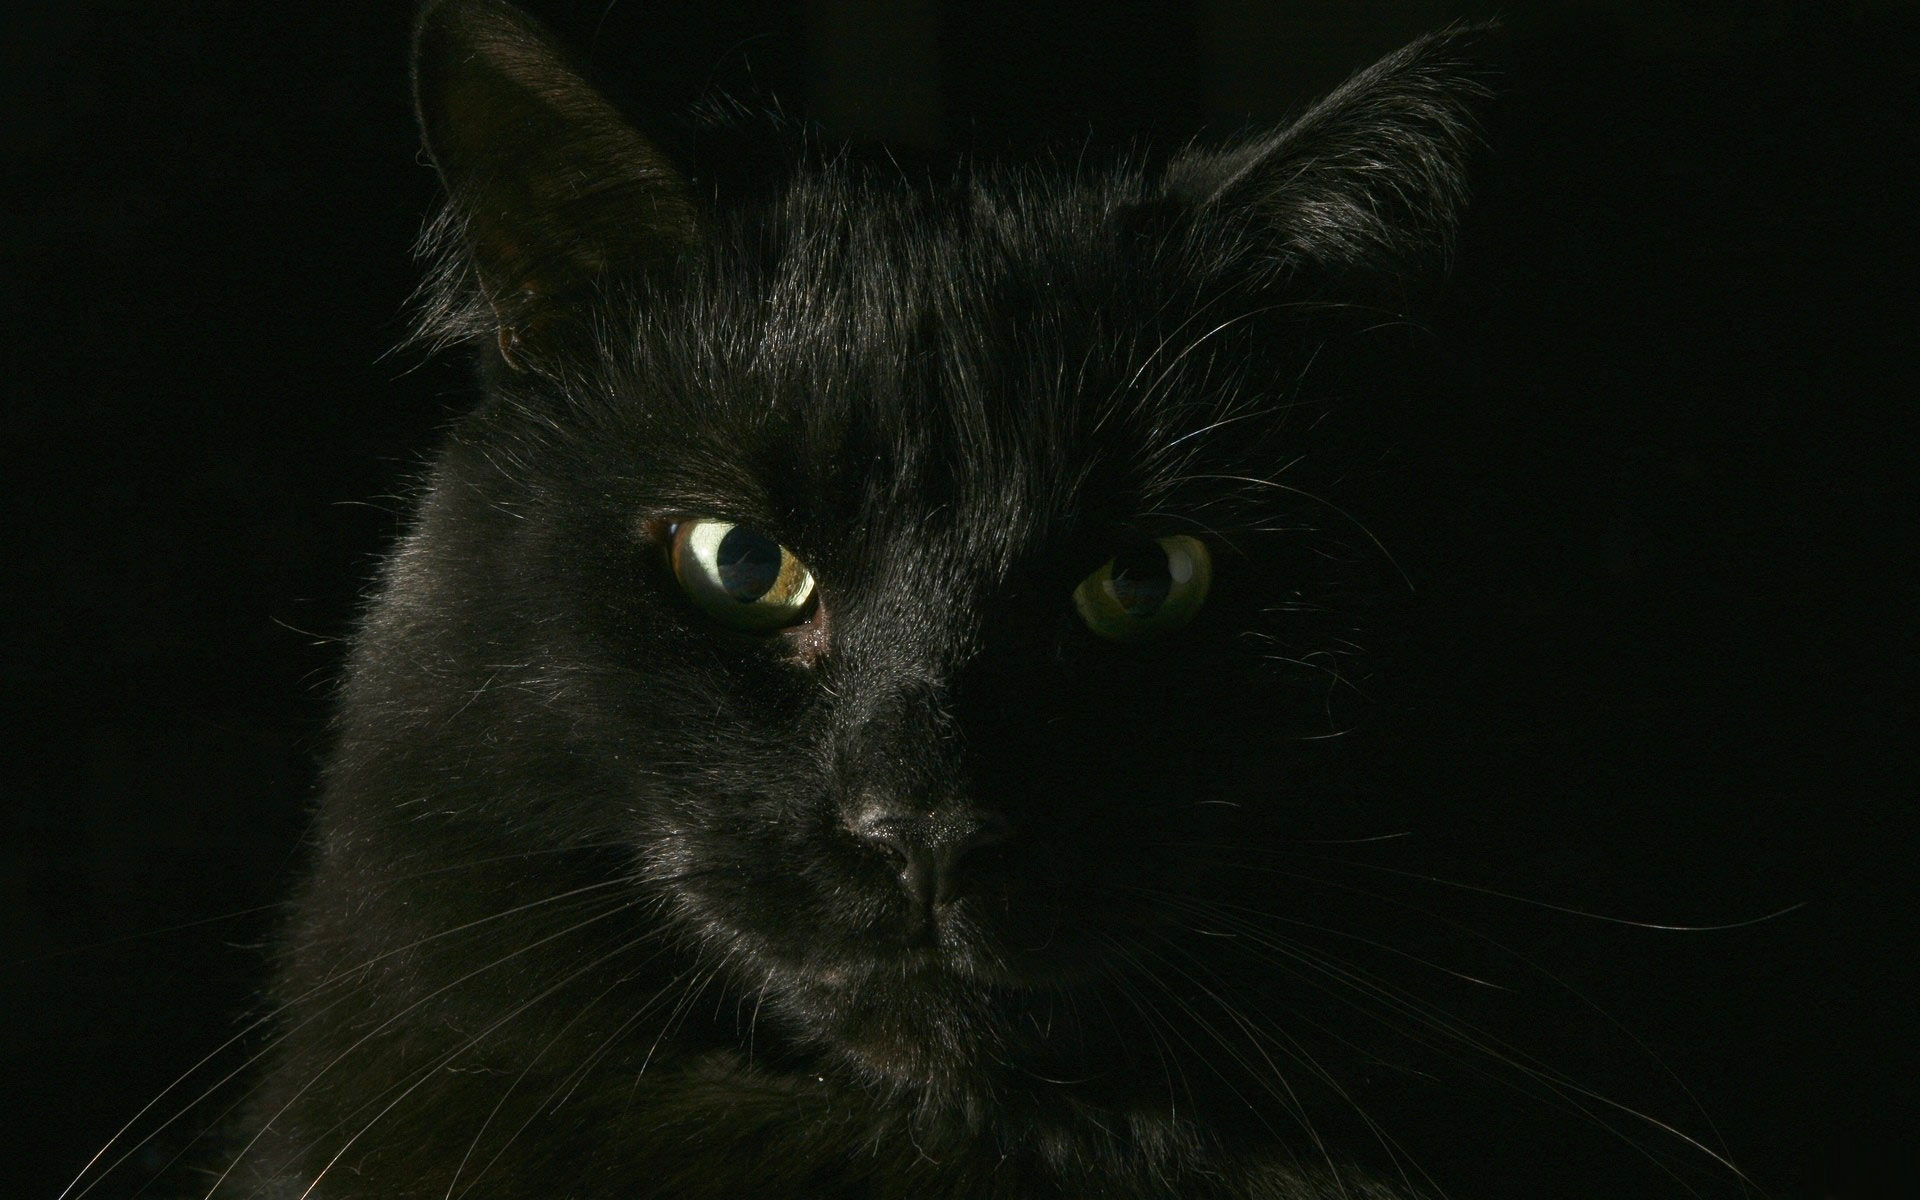 black cat wallpaper for computer - wallpapersafari